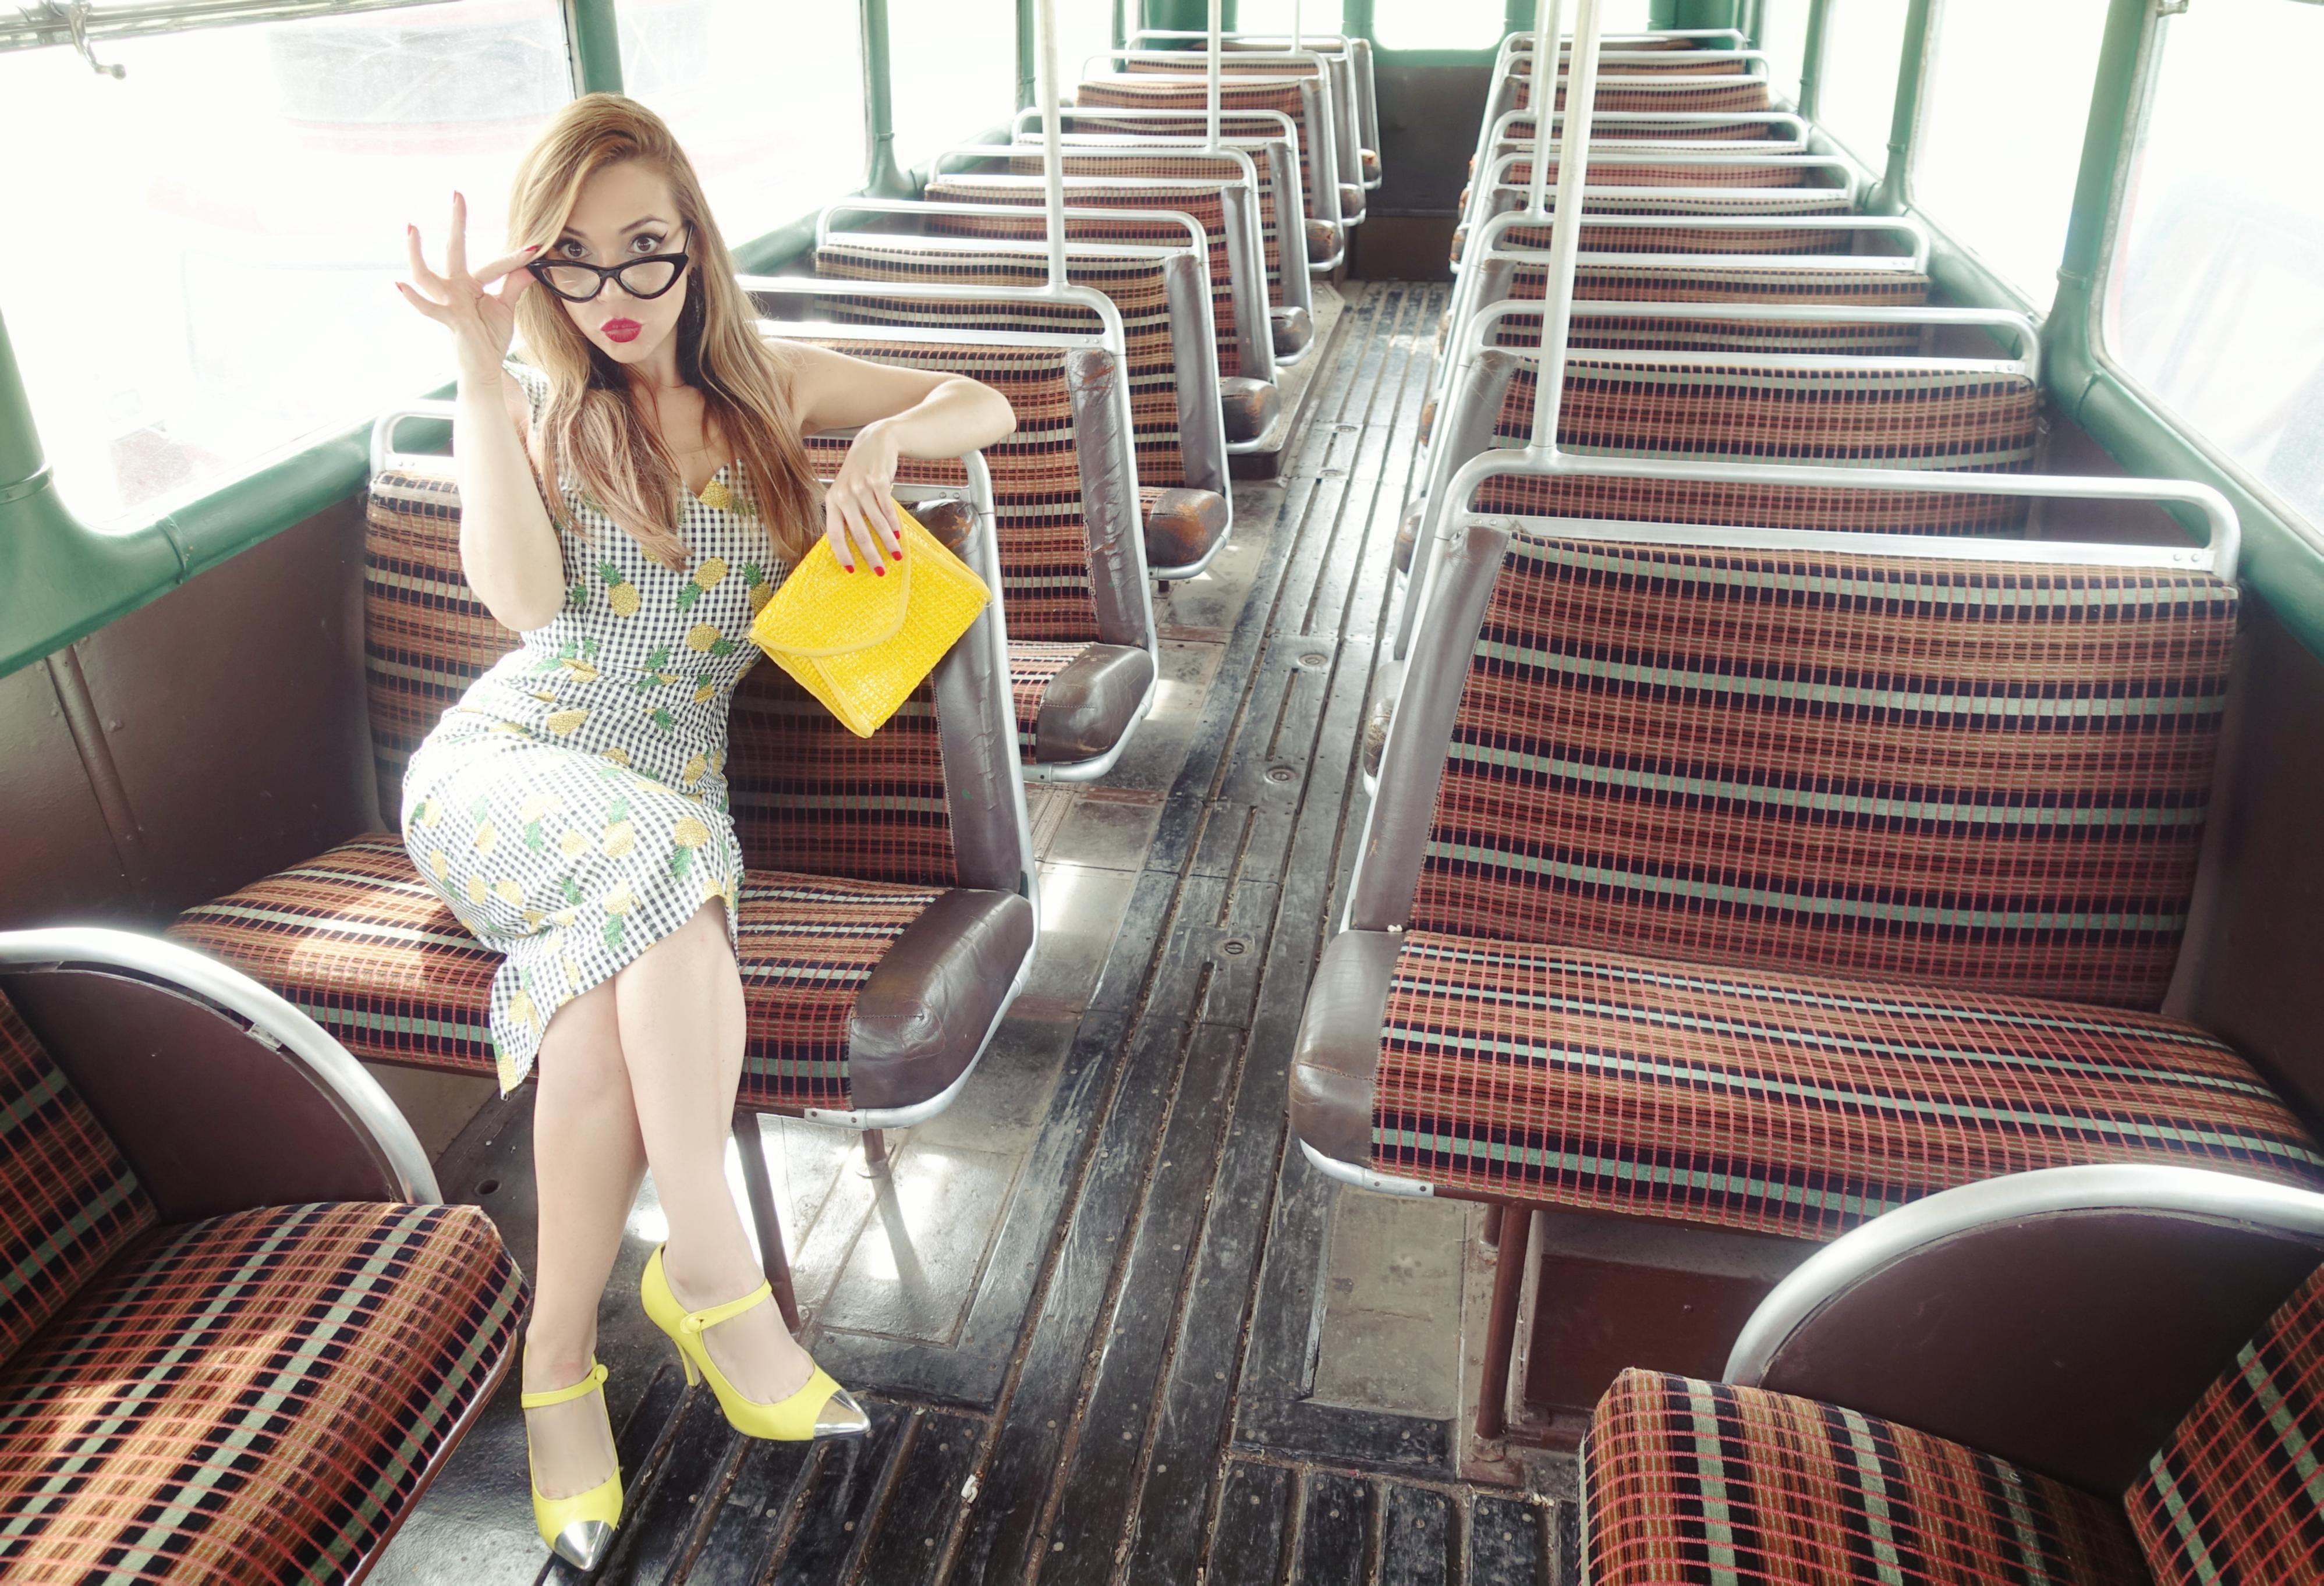 collectif-vintage-PiensaenChic-influencer-ChicAdicta-blog-de-moda-look-retro-50s-style-Chic-adicta-Piensa-en-Chic-asos-shoes